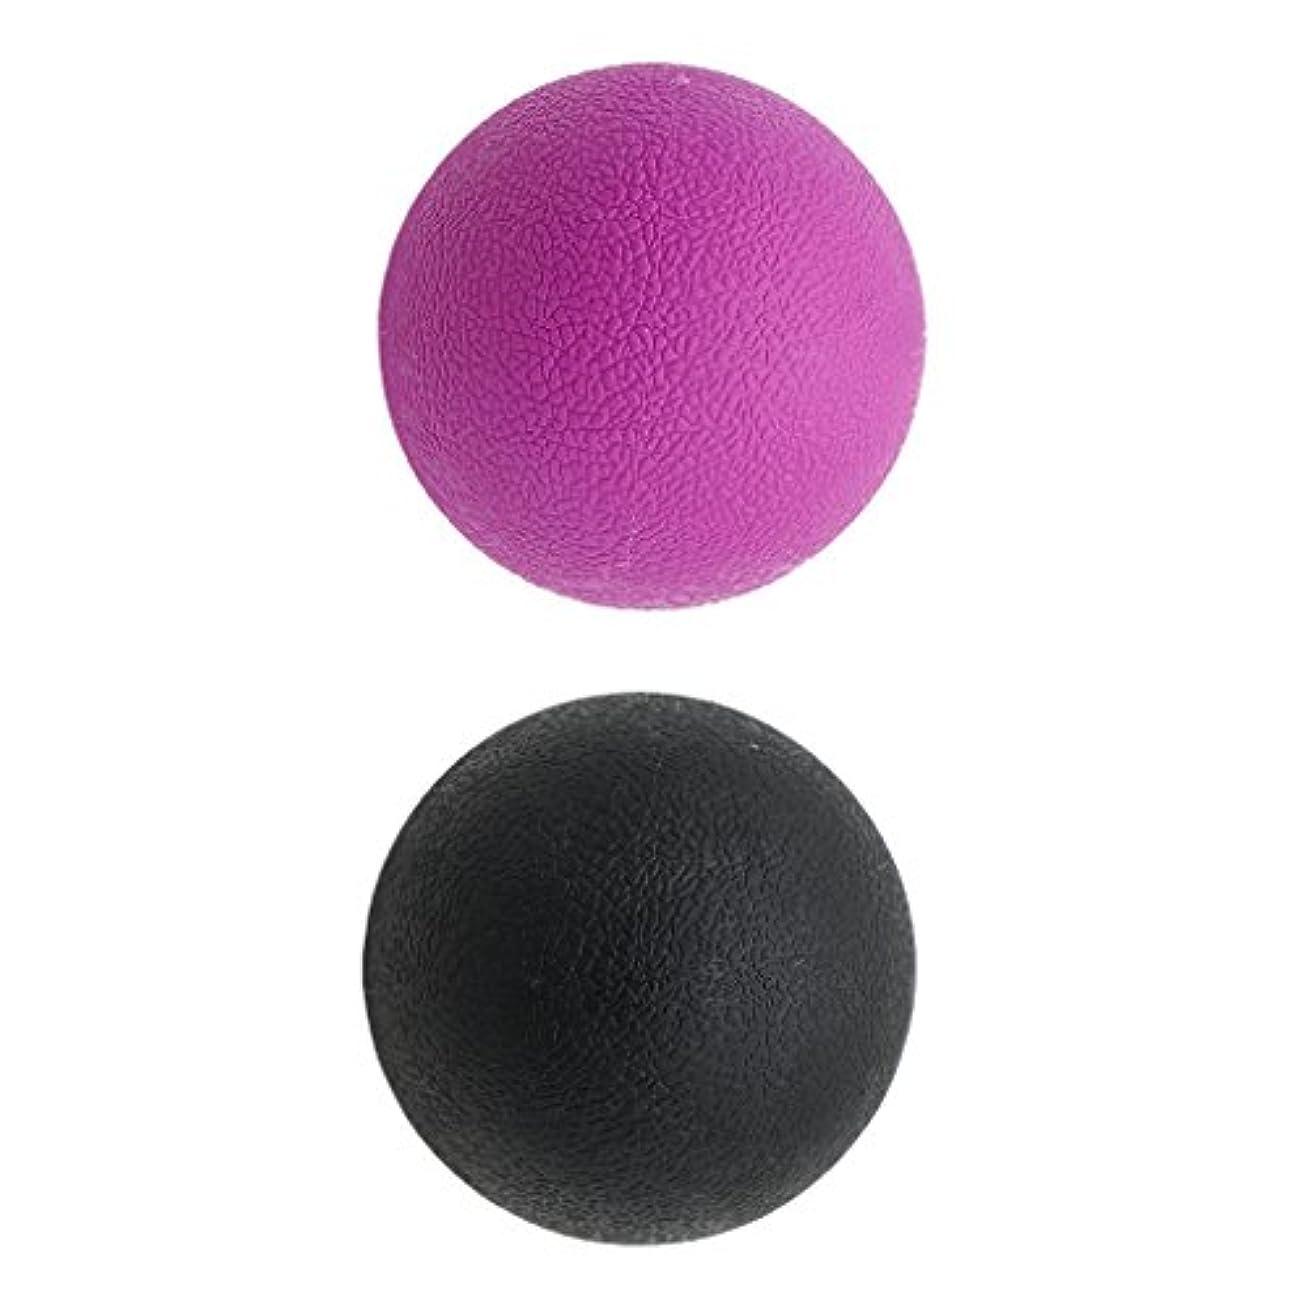 討論輝度見物人Kesoto 2個 マッサージボール ラクロスボール 背部 トリガ ポイント マッサージ 多色選べる - ブラックパープル